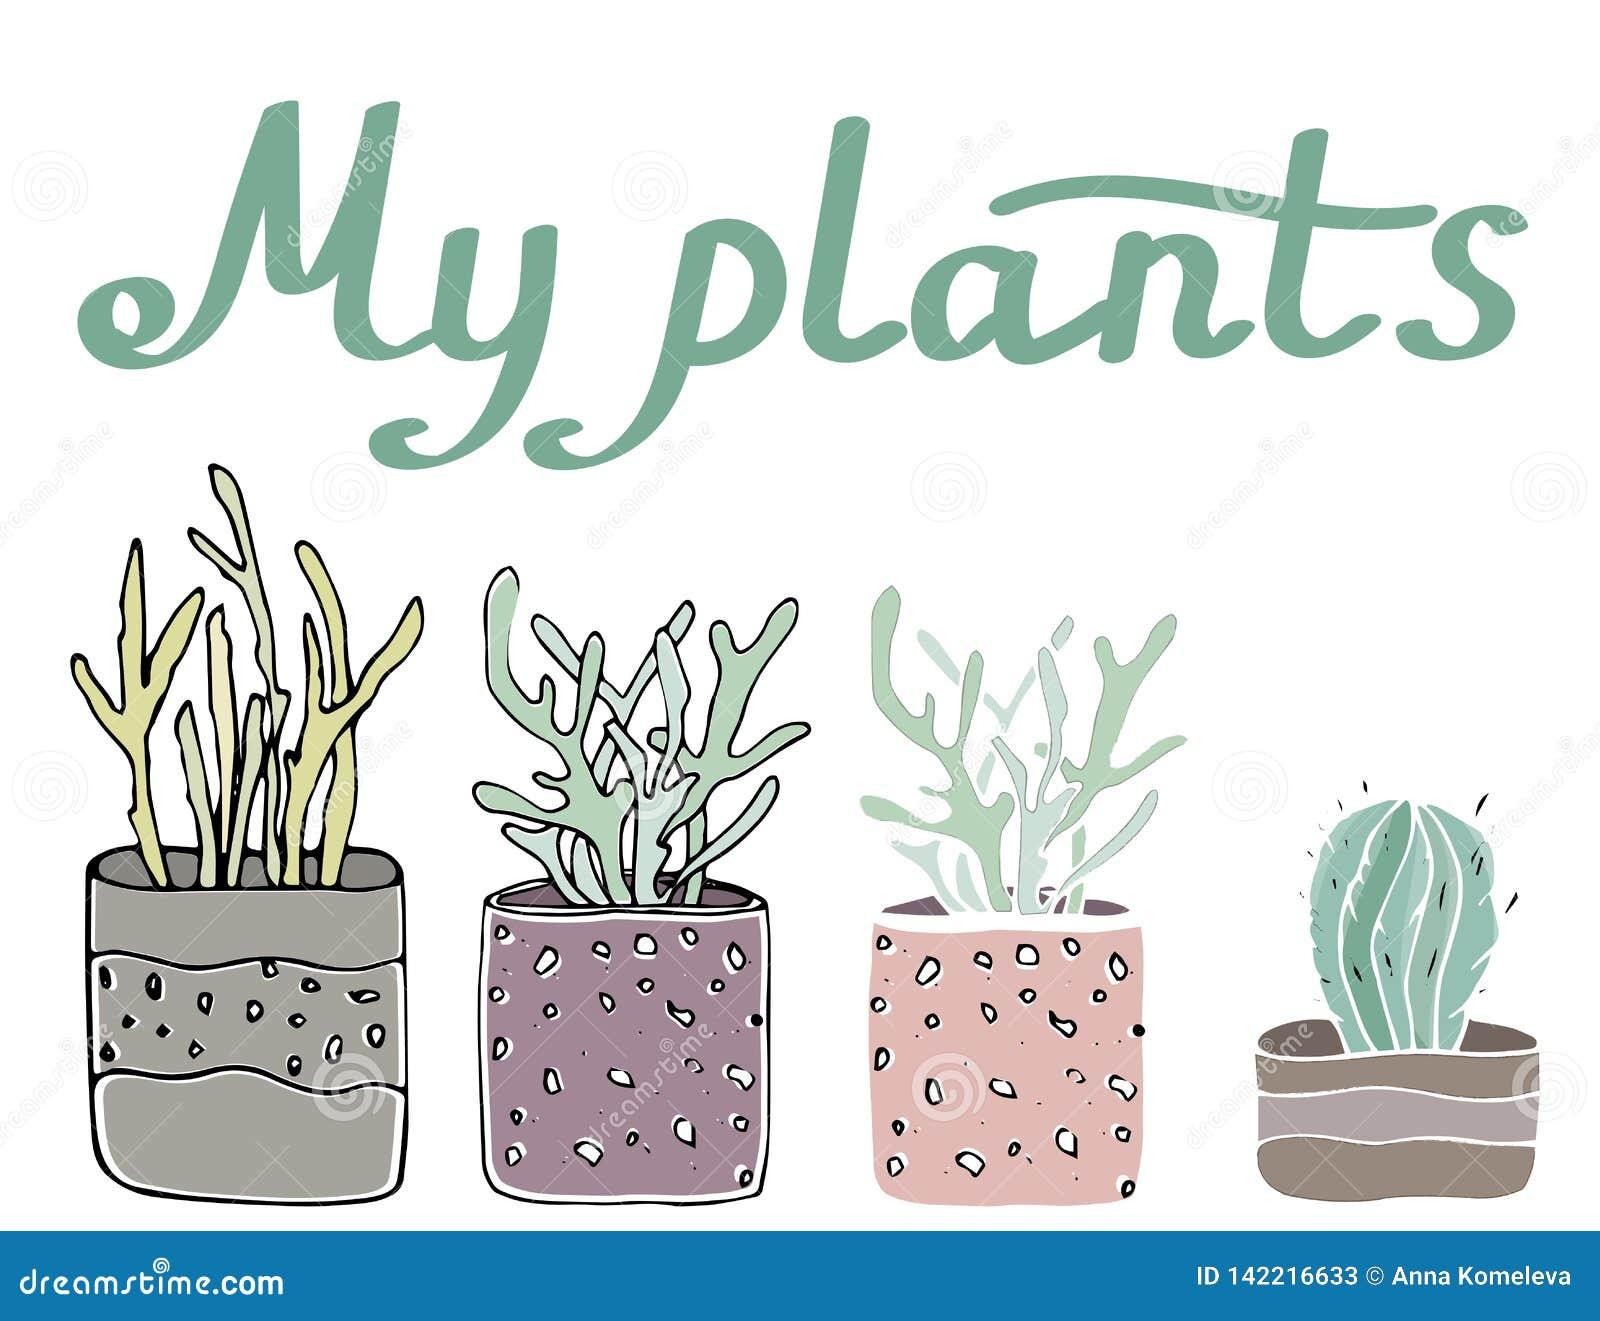 Vektor-Illustrationselemente Sety angenehme - Topfpflanzen